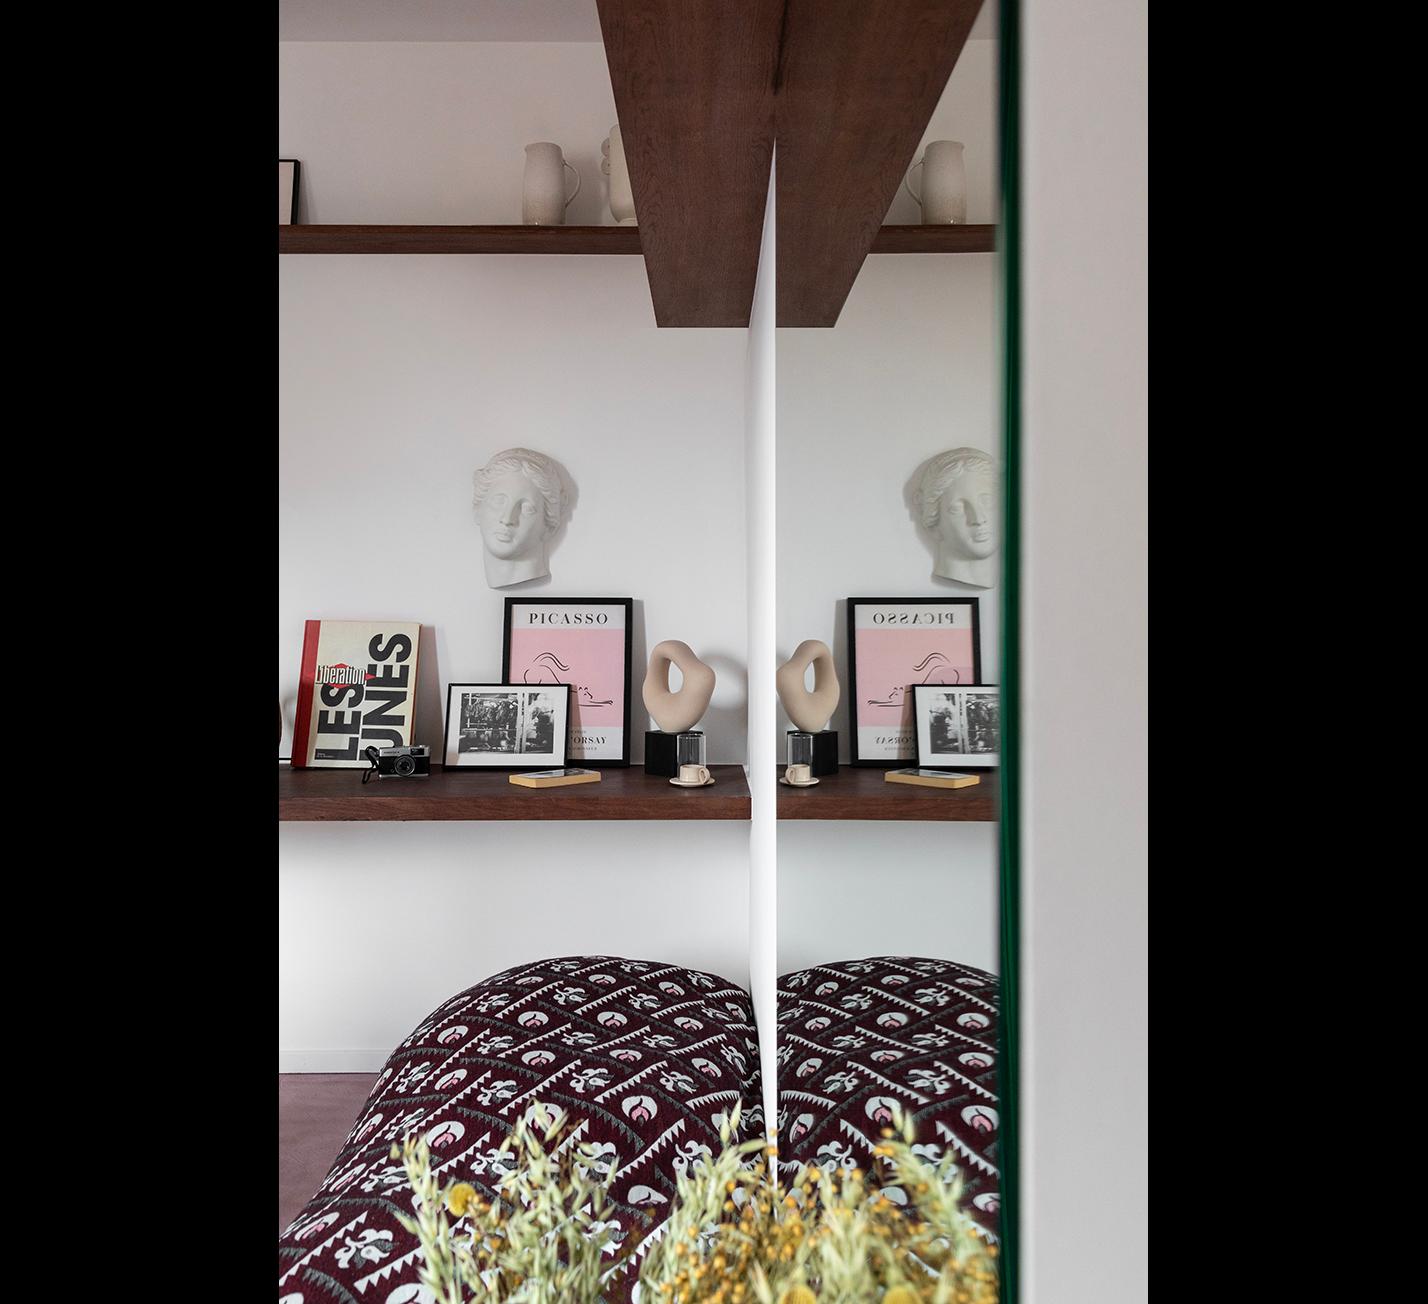 Appartement-Léon-paris-rénovation-architecture-paris-construction-atelier-steve-pauline-borgia-3